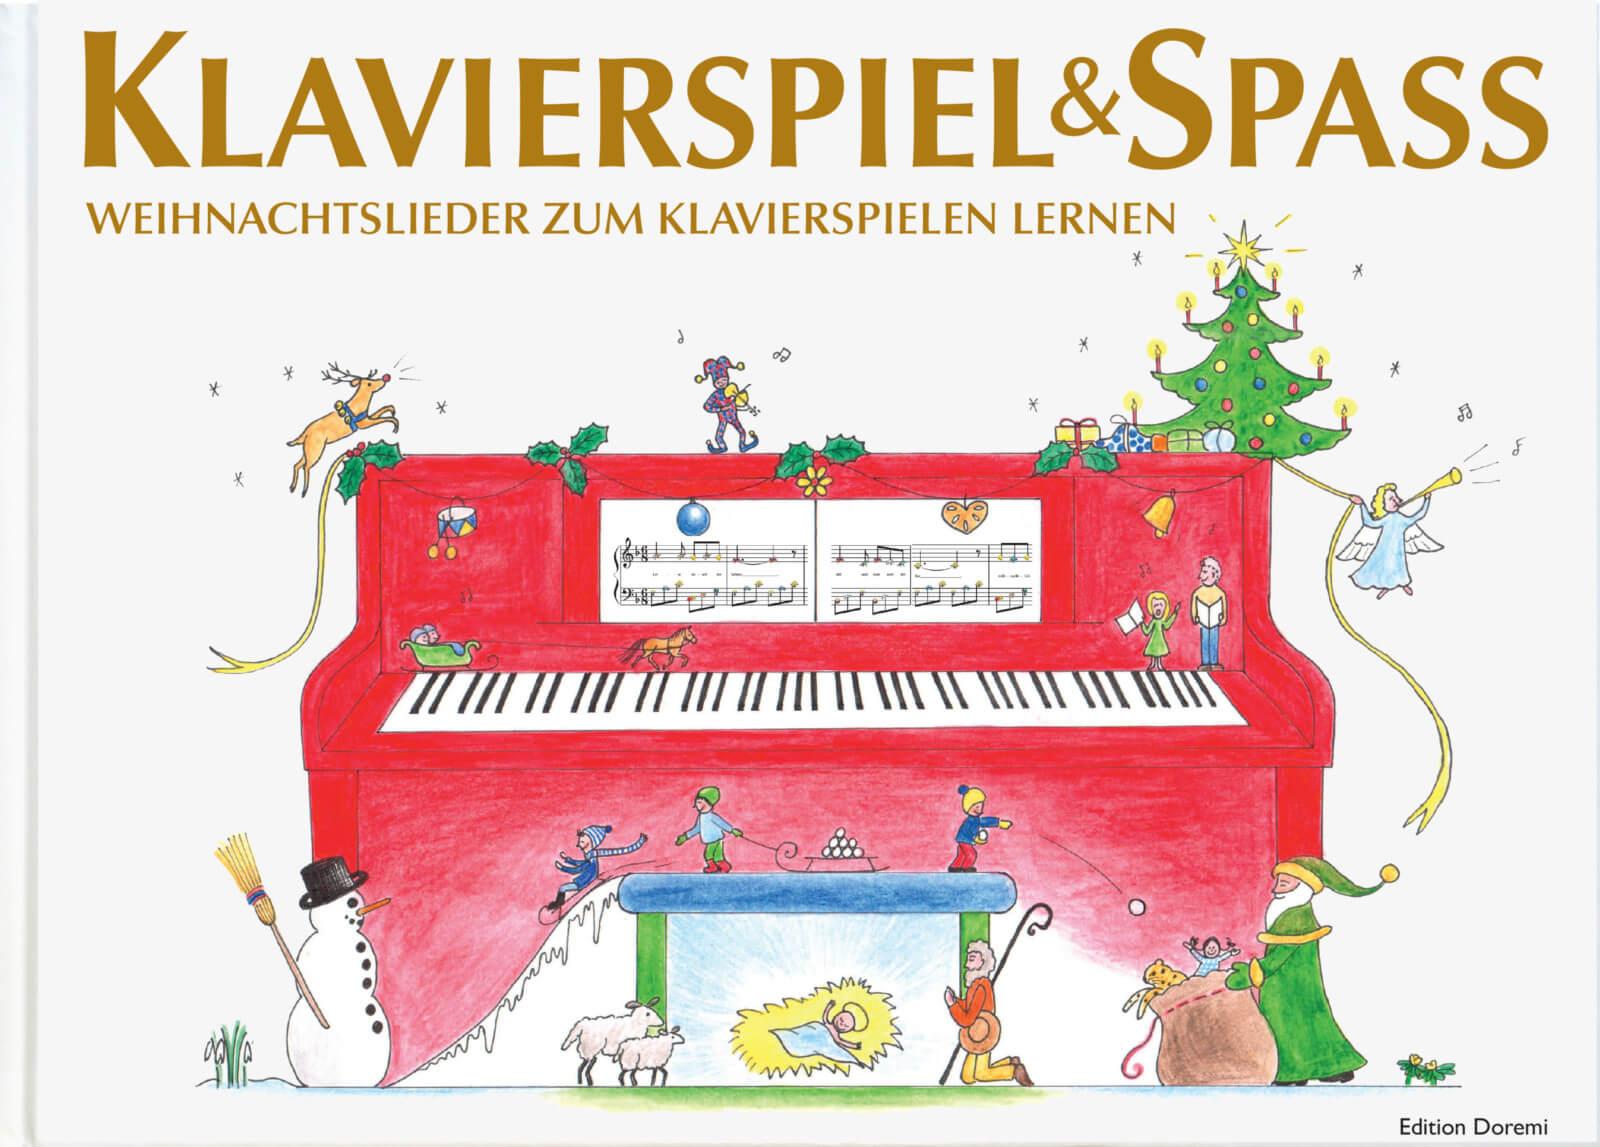 weihnachtslieder zum klavierspielen lernen klavierspiel. Black Bedroom Furniture Sets. Home Design Ideas